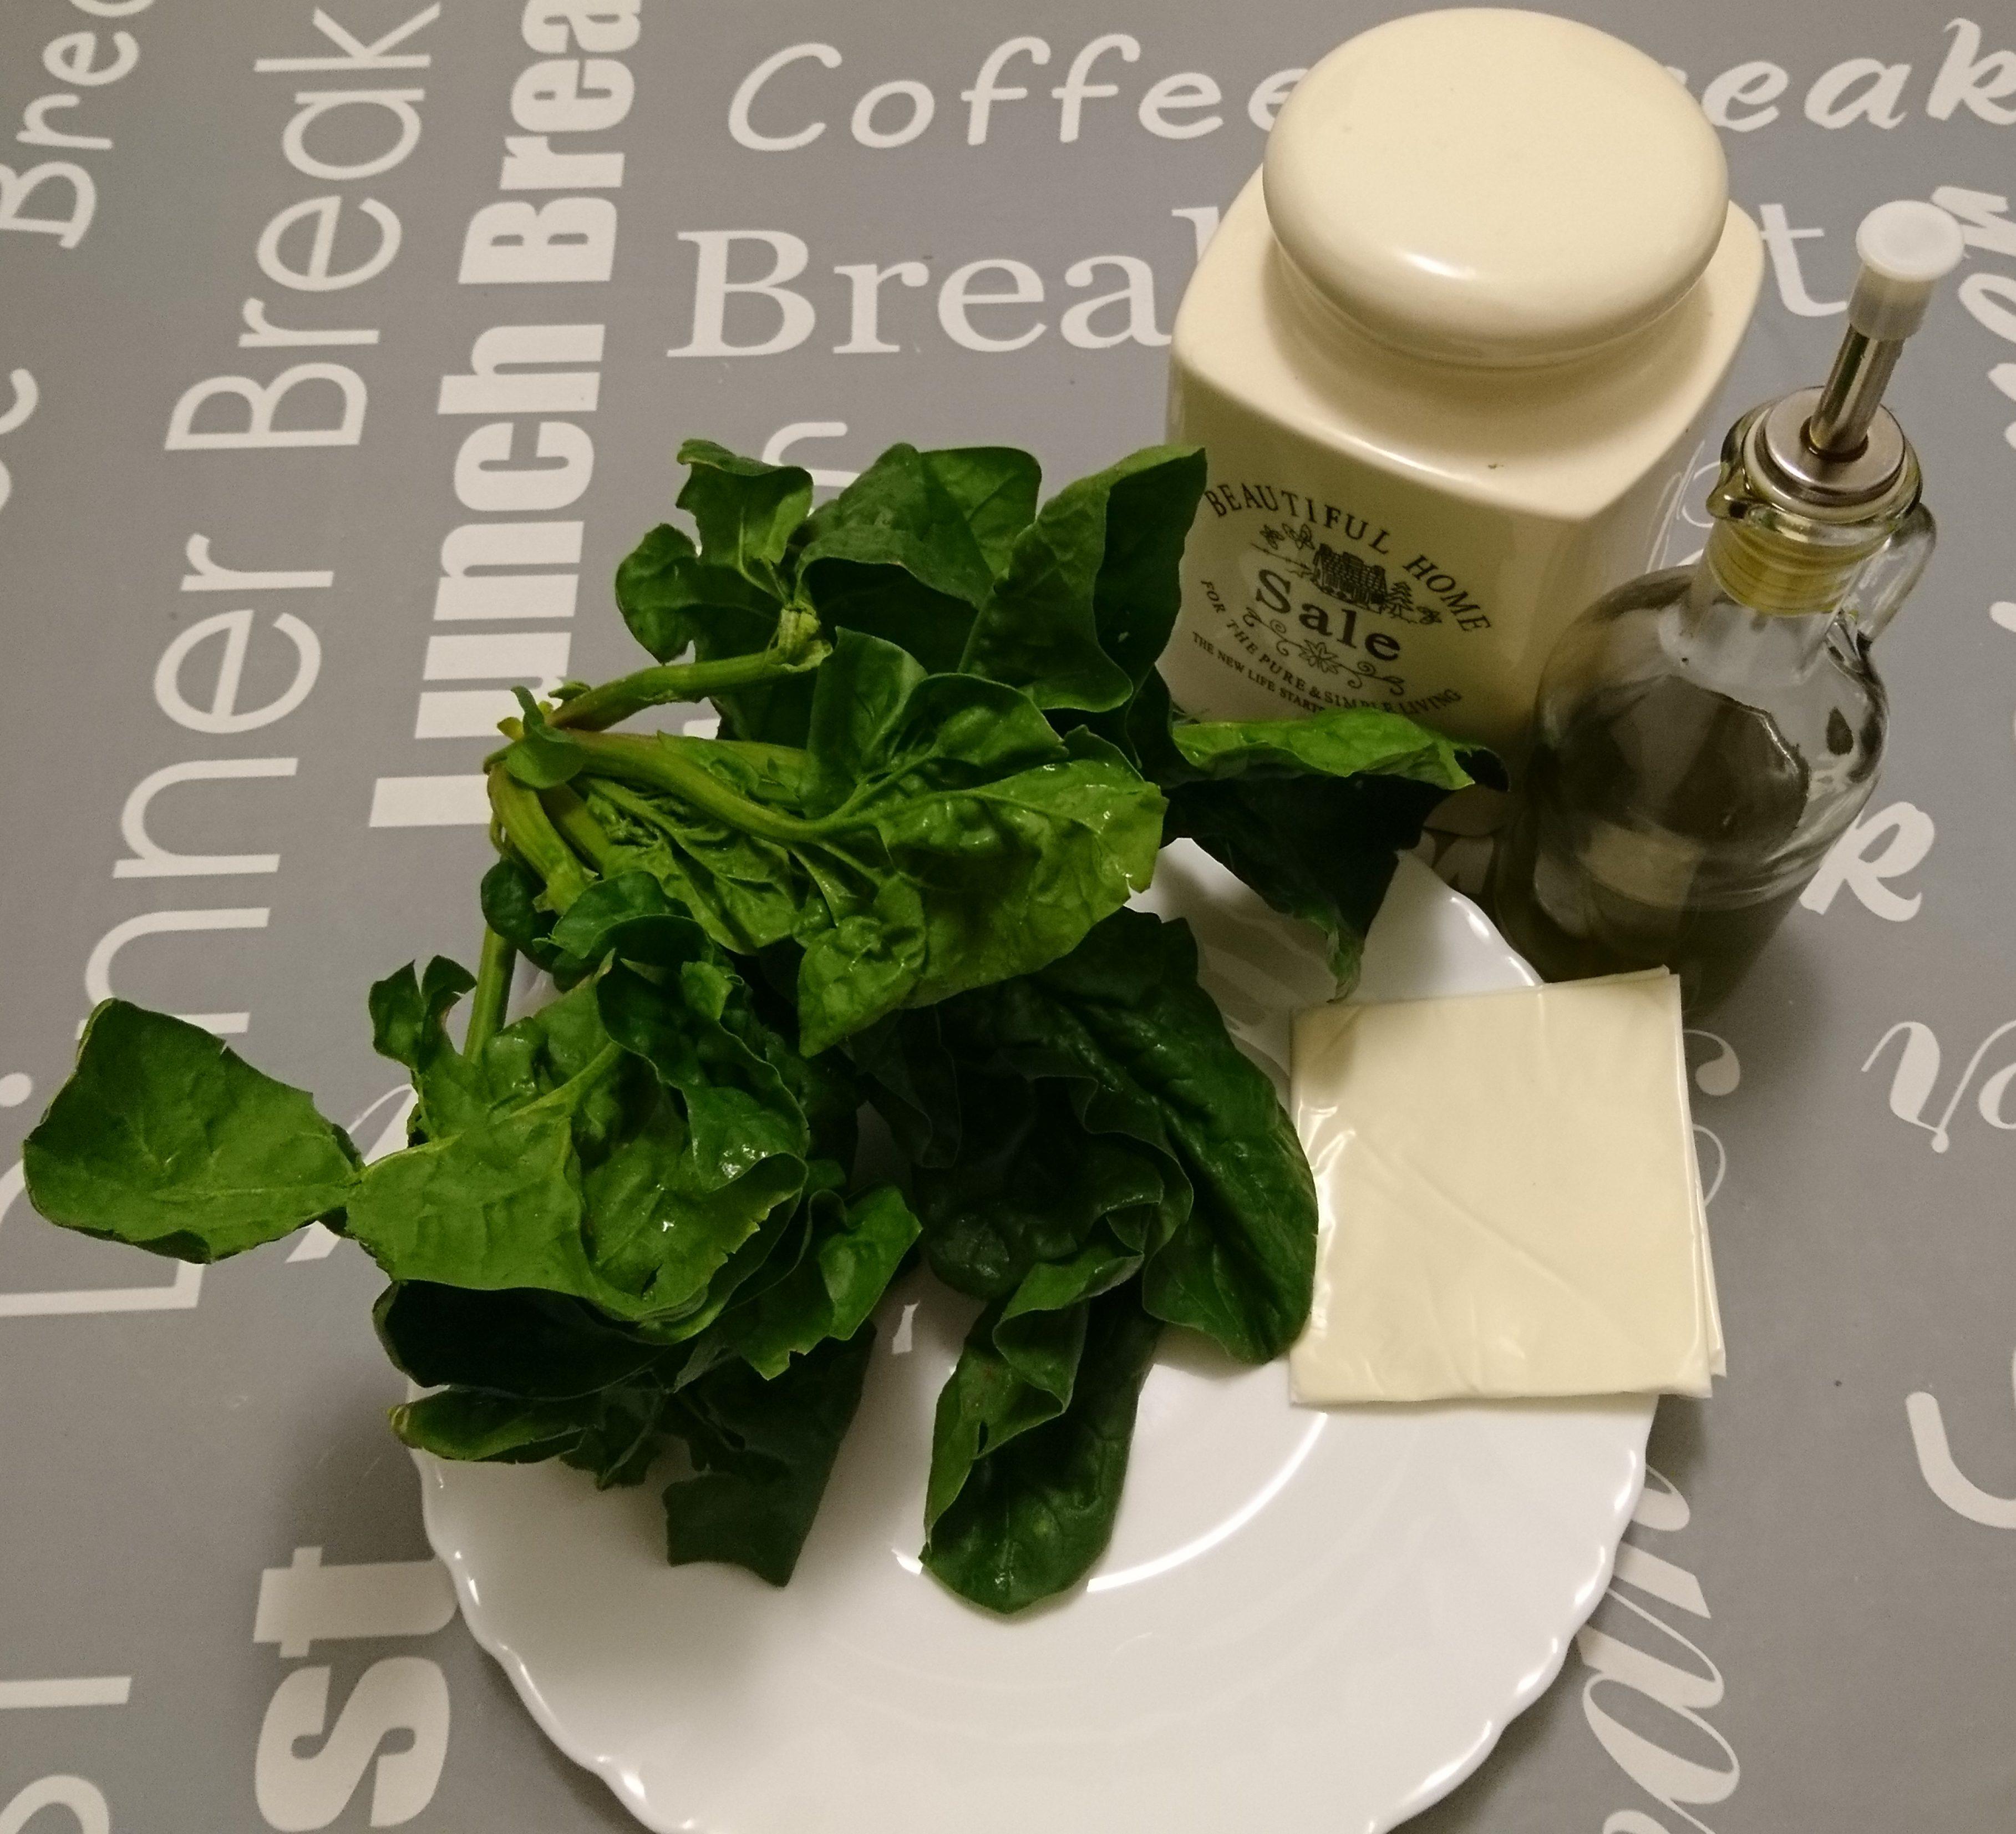 Spinaci filanti con sottiletta - Ingredienti